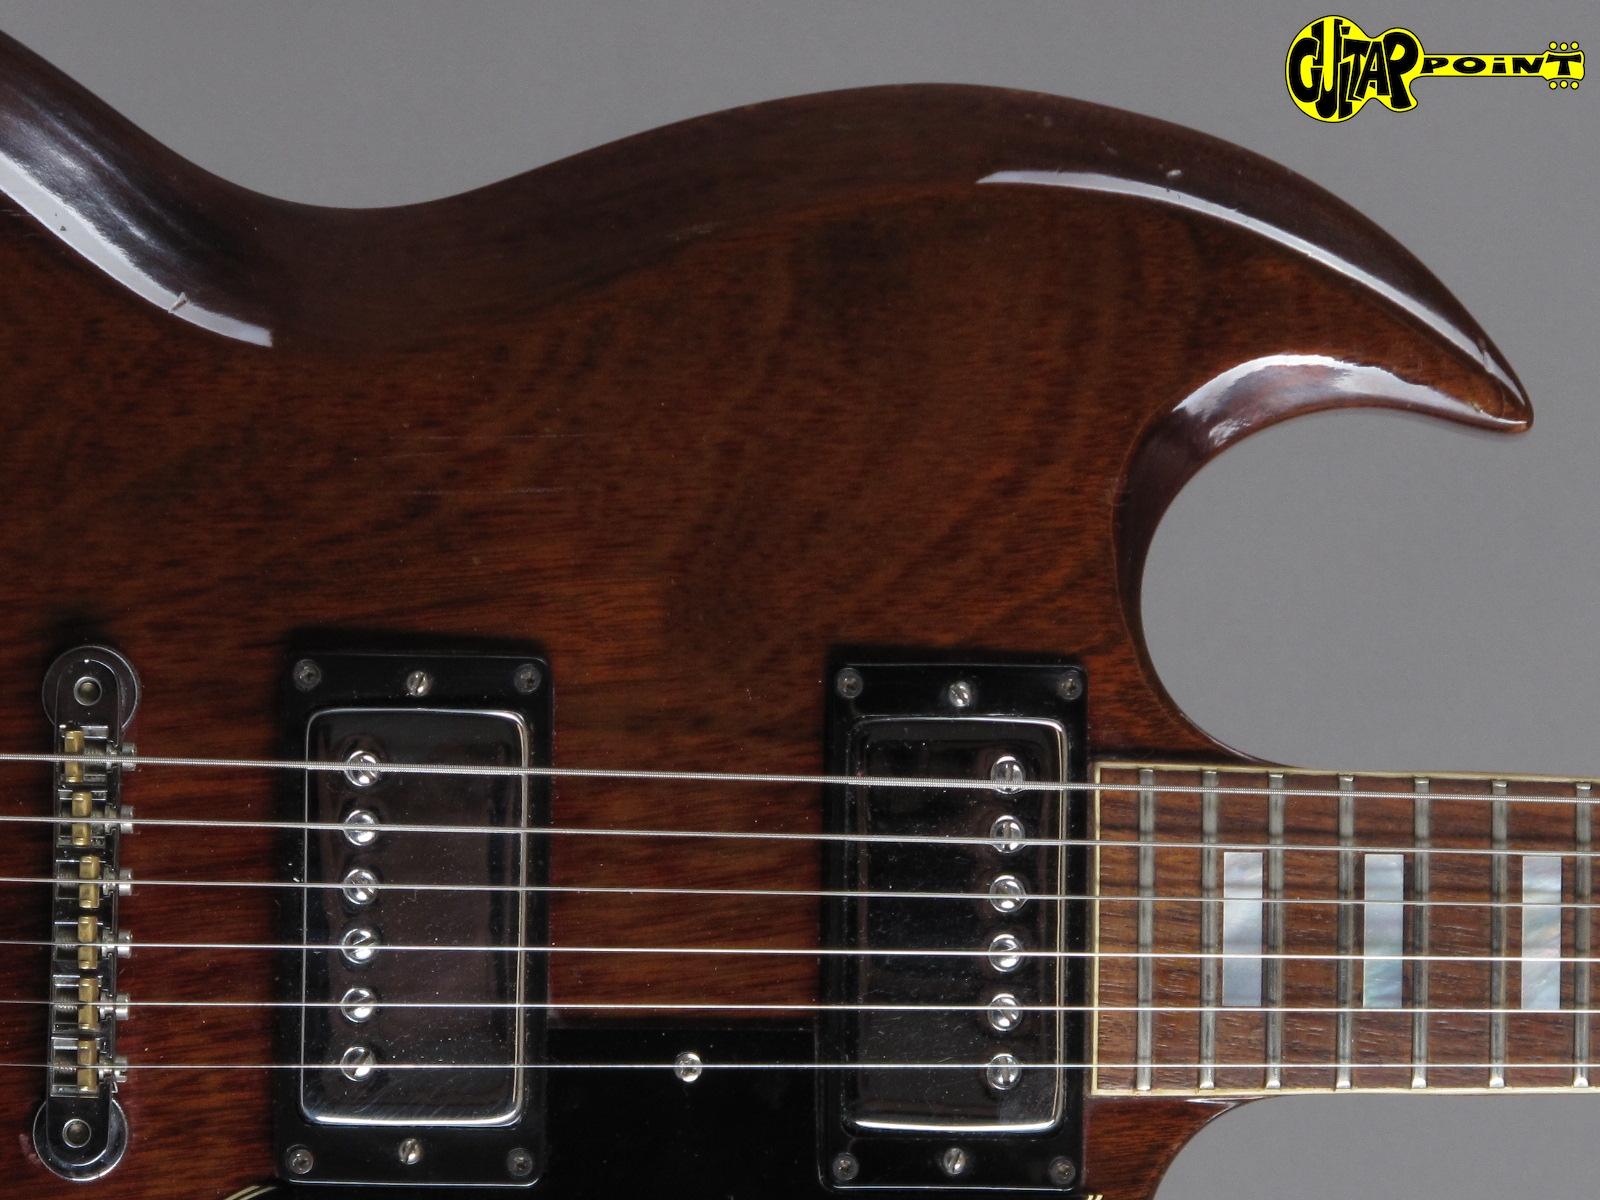 https://guitarpoint.de/app/uploads/products/1973-gibson-sg-standard-cherry-3/Gibson73SGStdCH898177_17.jpg